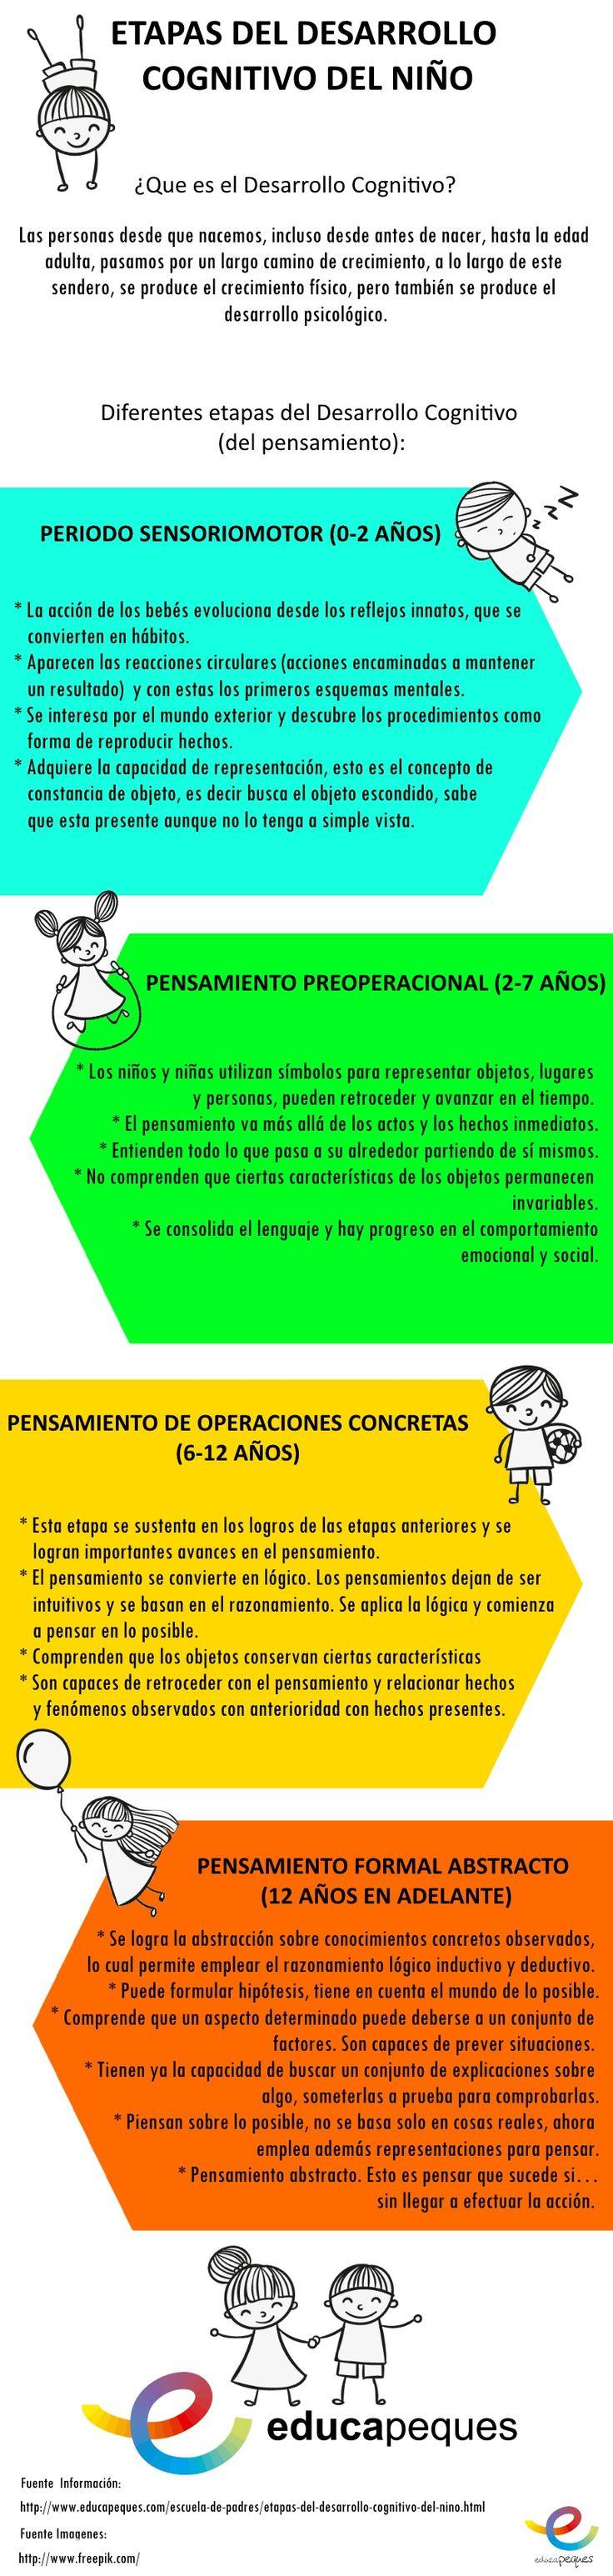 Infografías educativas. Etapas del desarrollo del niño